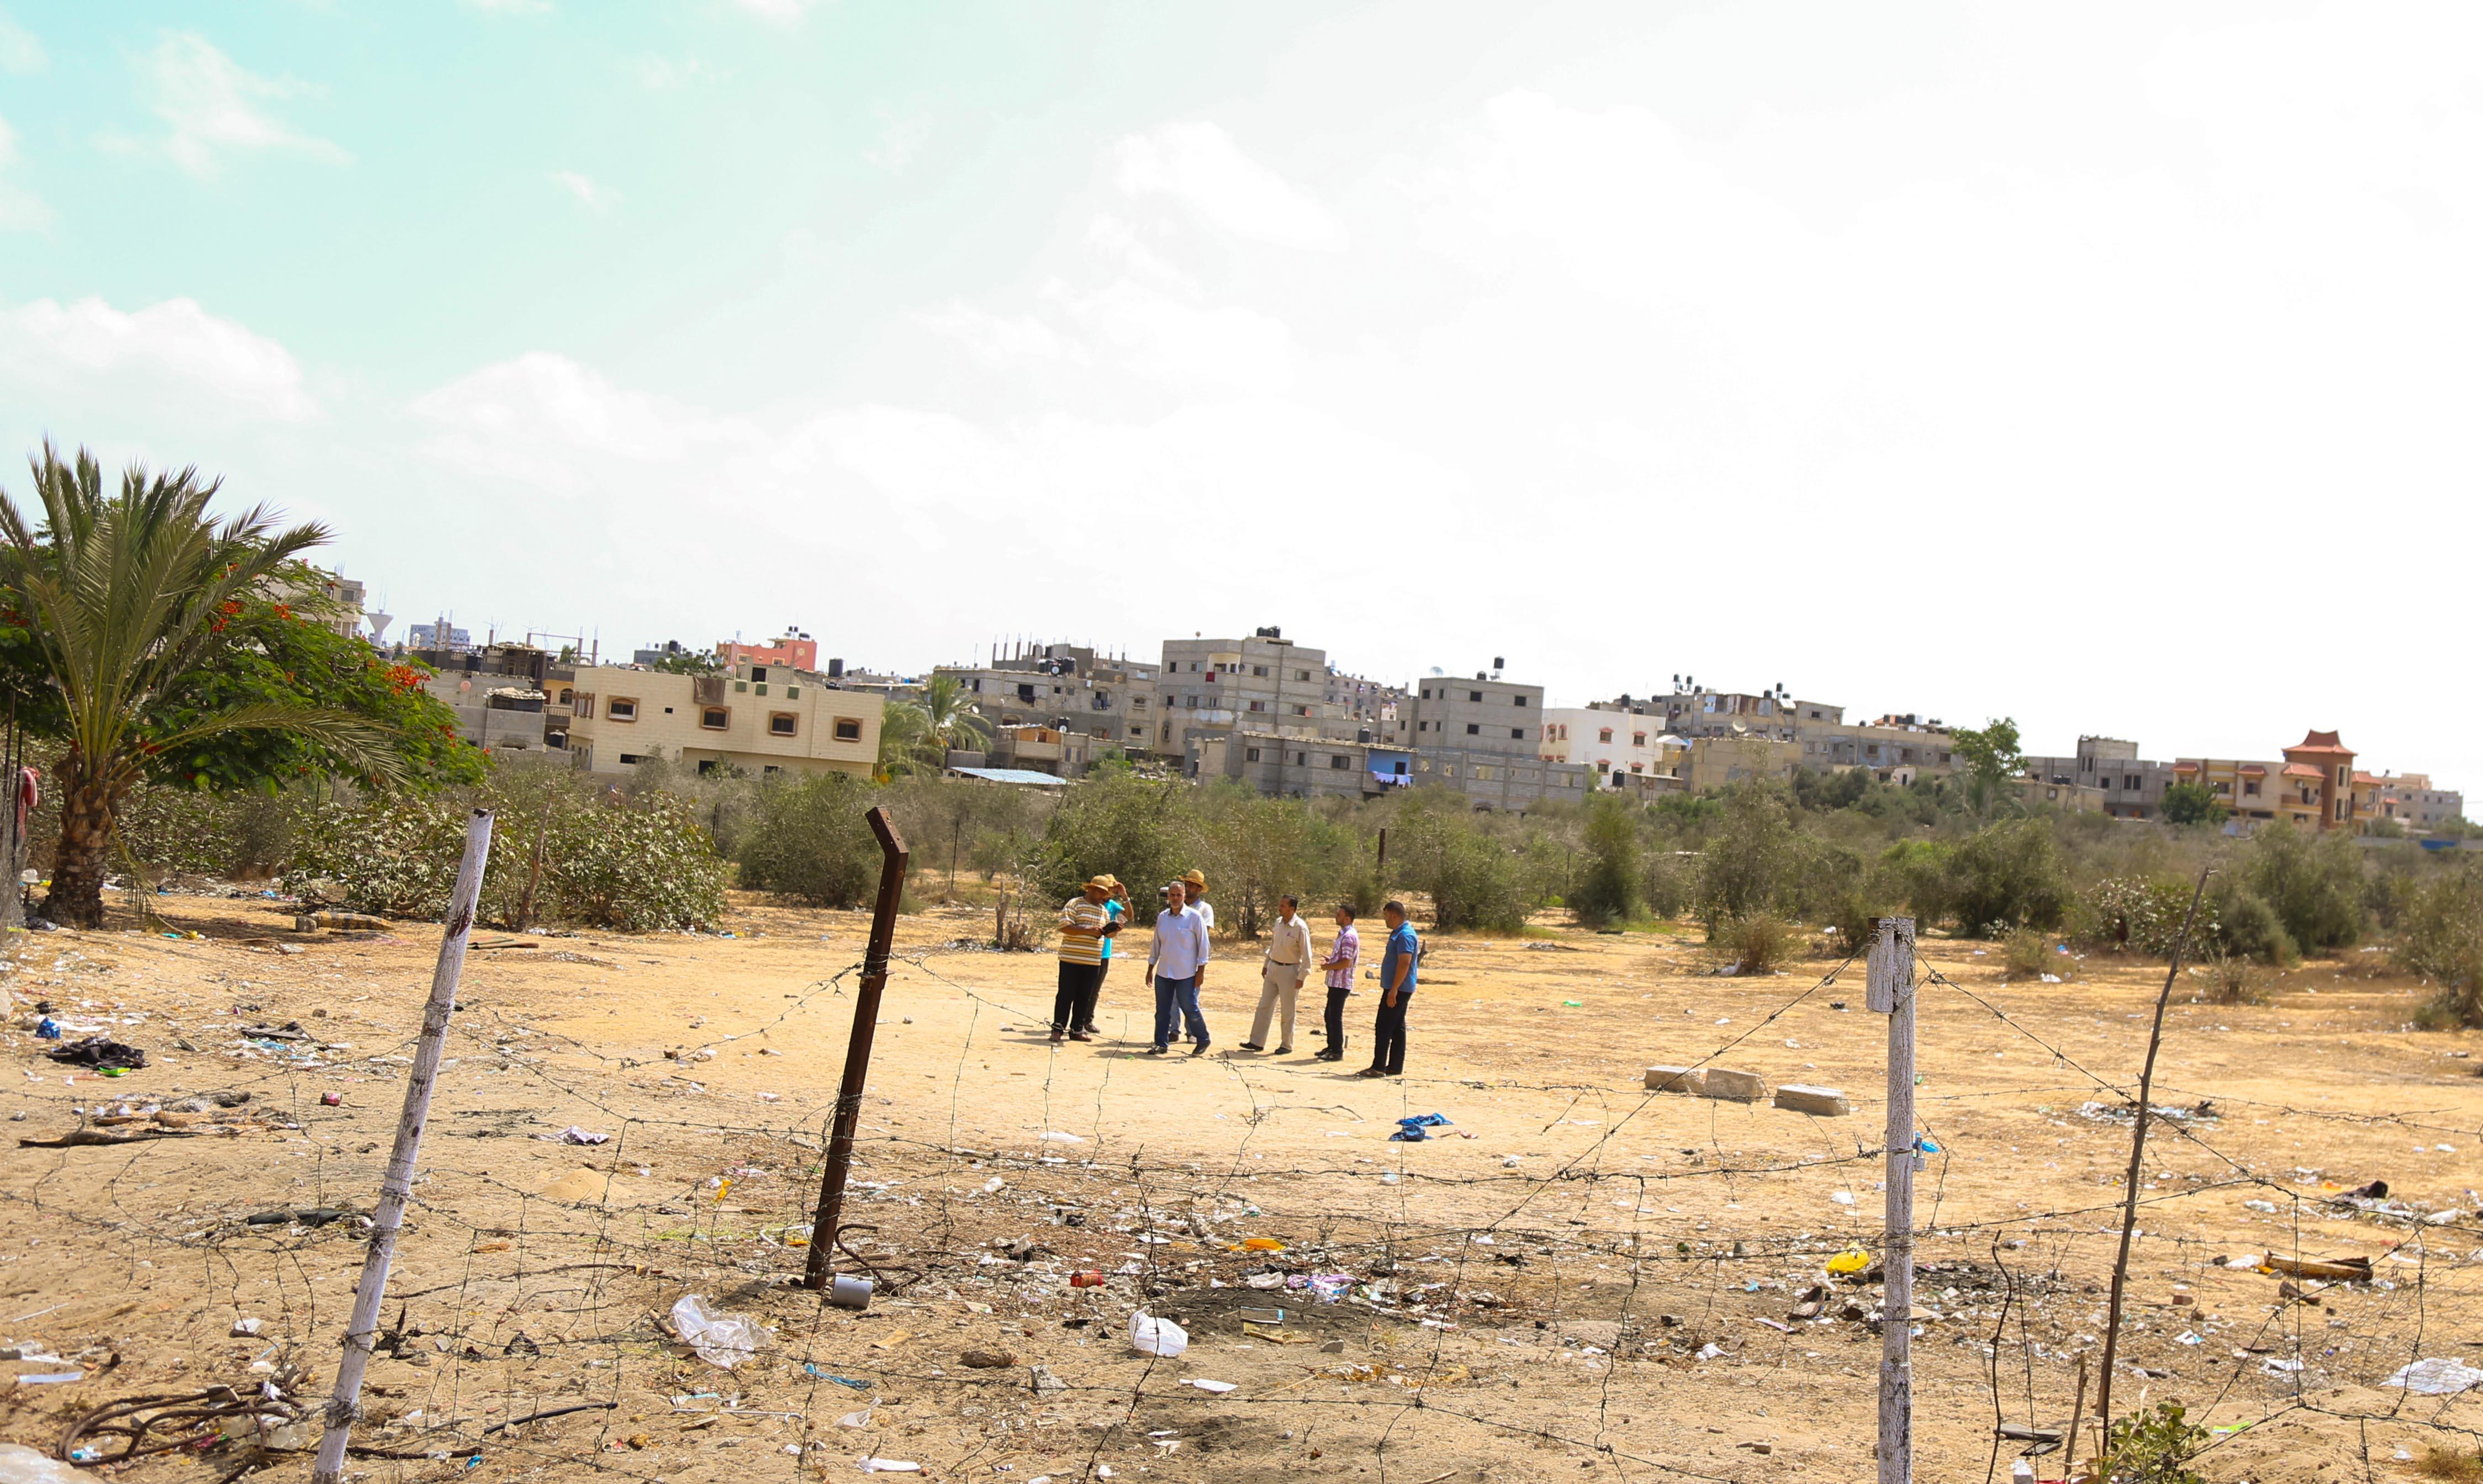 """بلدية خان يونس وسُلطة الأراضي تخصصان قطعة أرض لإنشاء مدرسة بـ""""معن"""""""